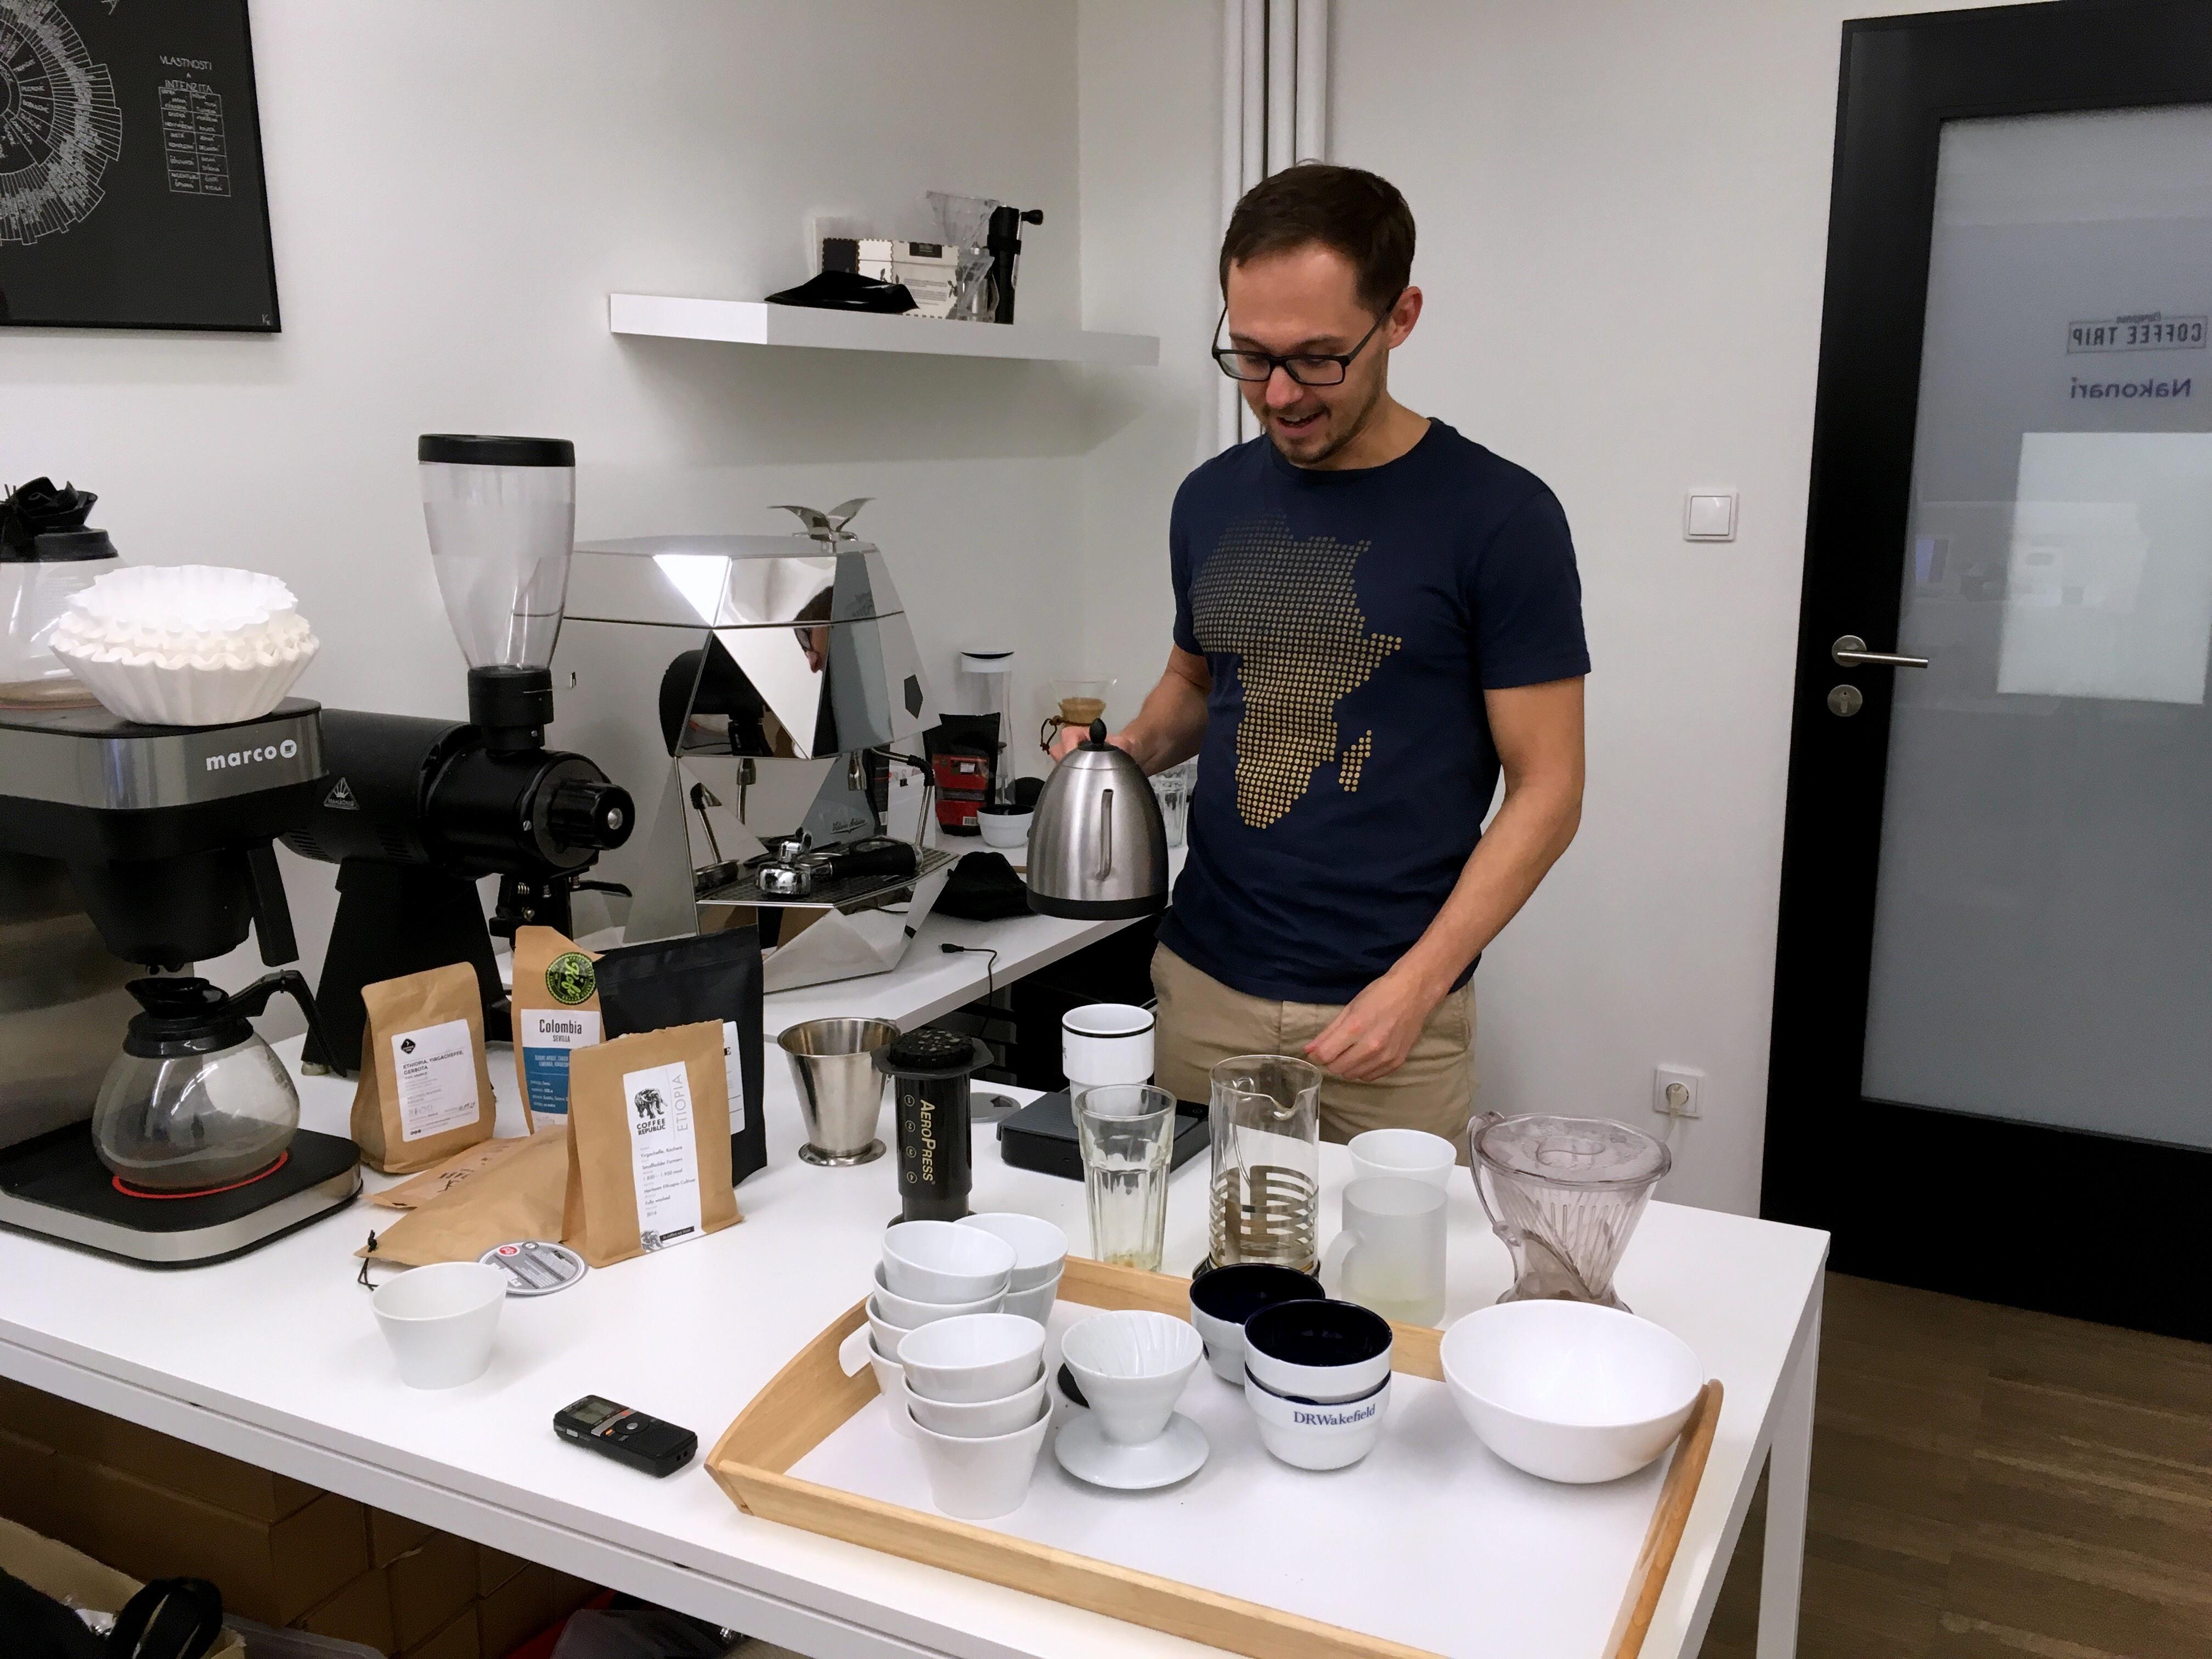 Aleš v akci. V kávové kanceláři European Coffee Trip připravuje filtrovanou kávu a dává mi rady, jak na to.